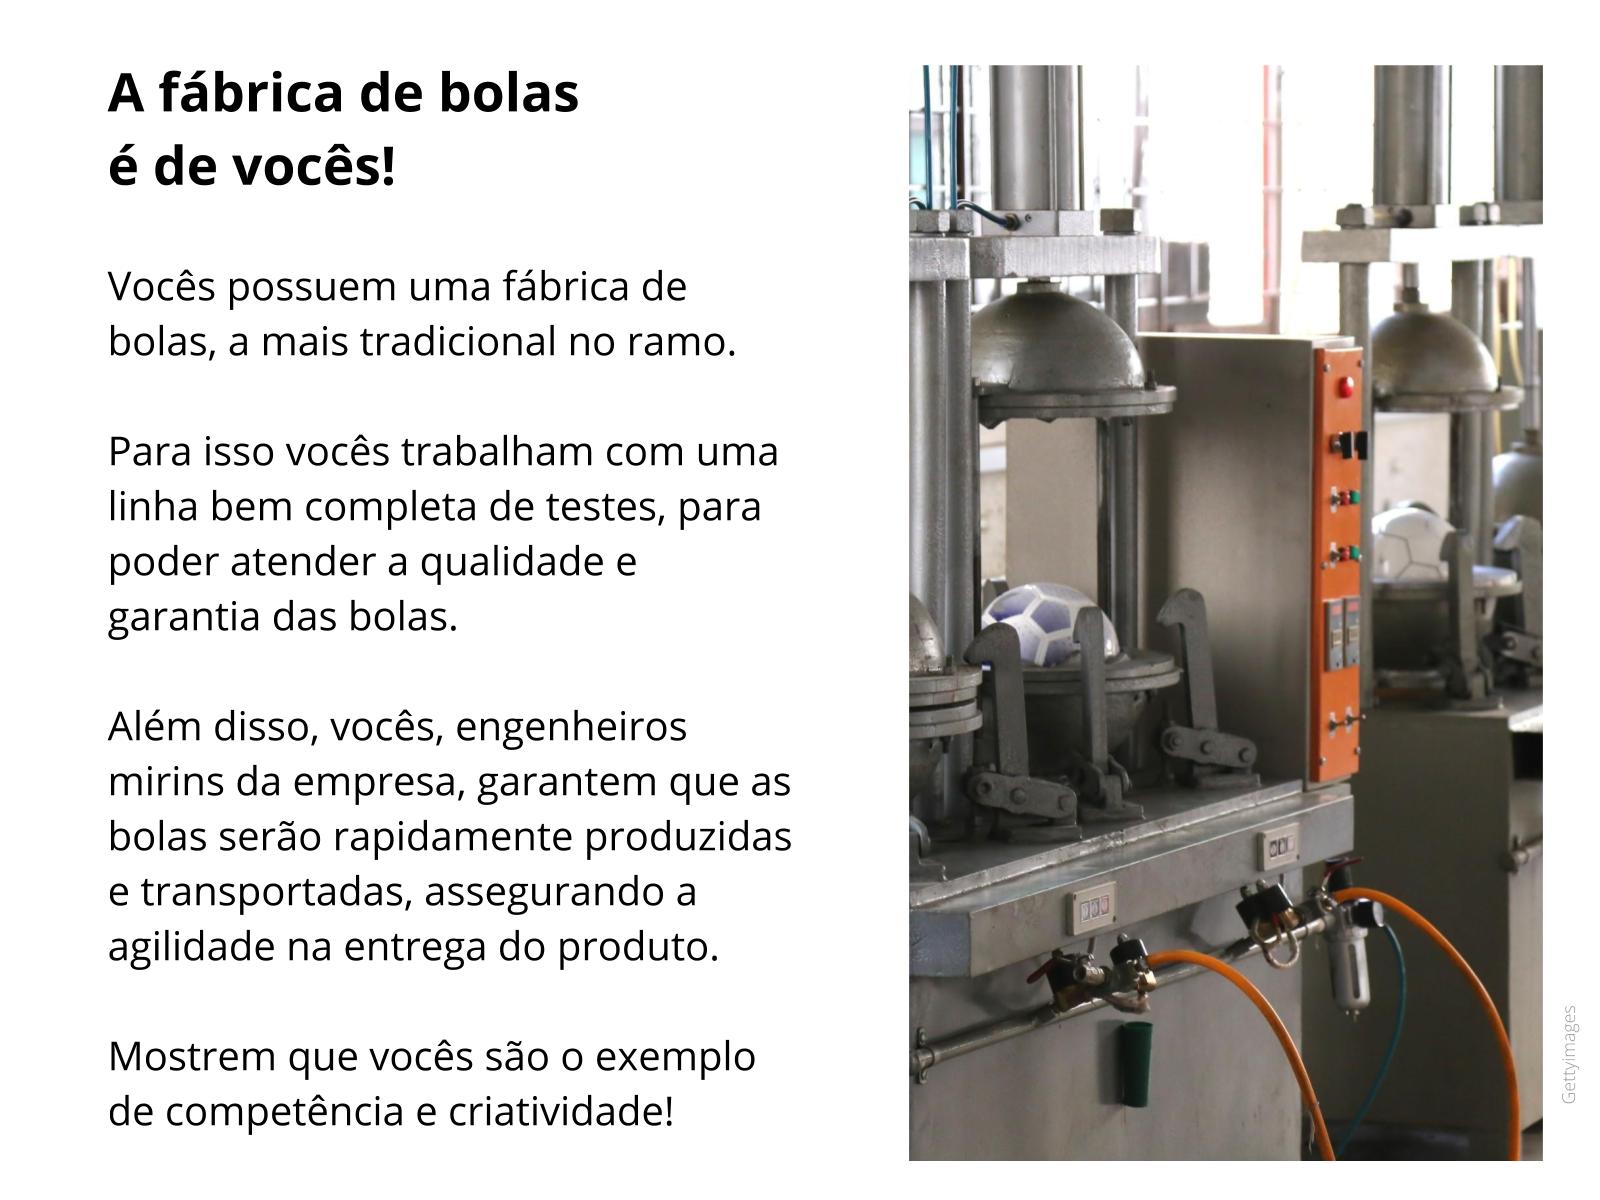 Máquinas simples: fábrica de bolas